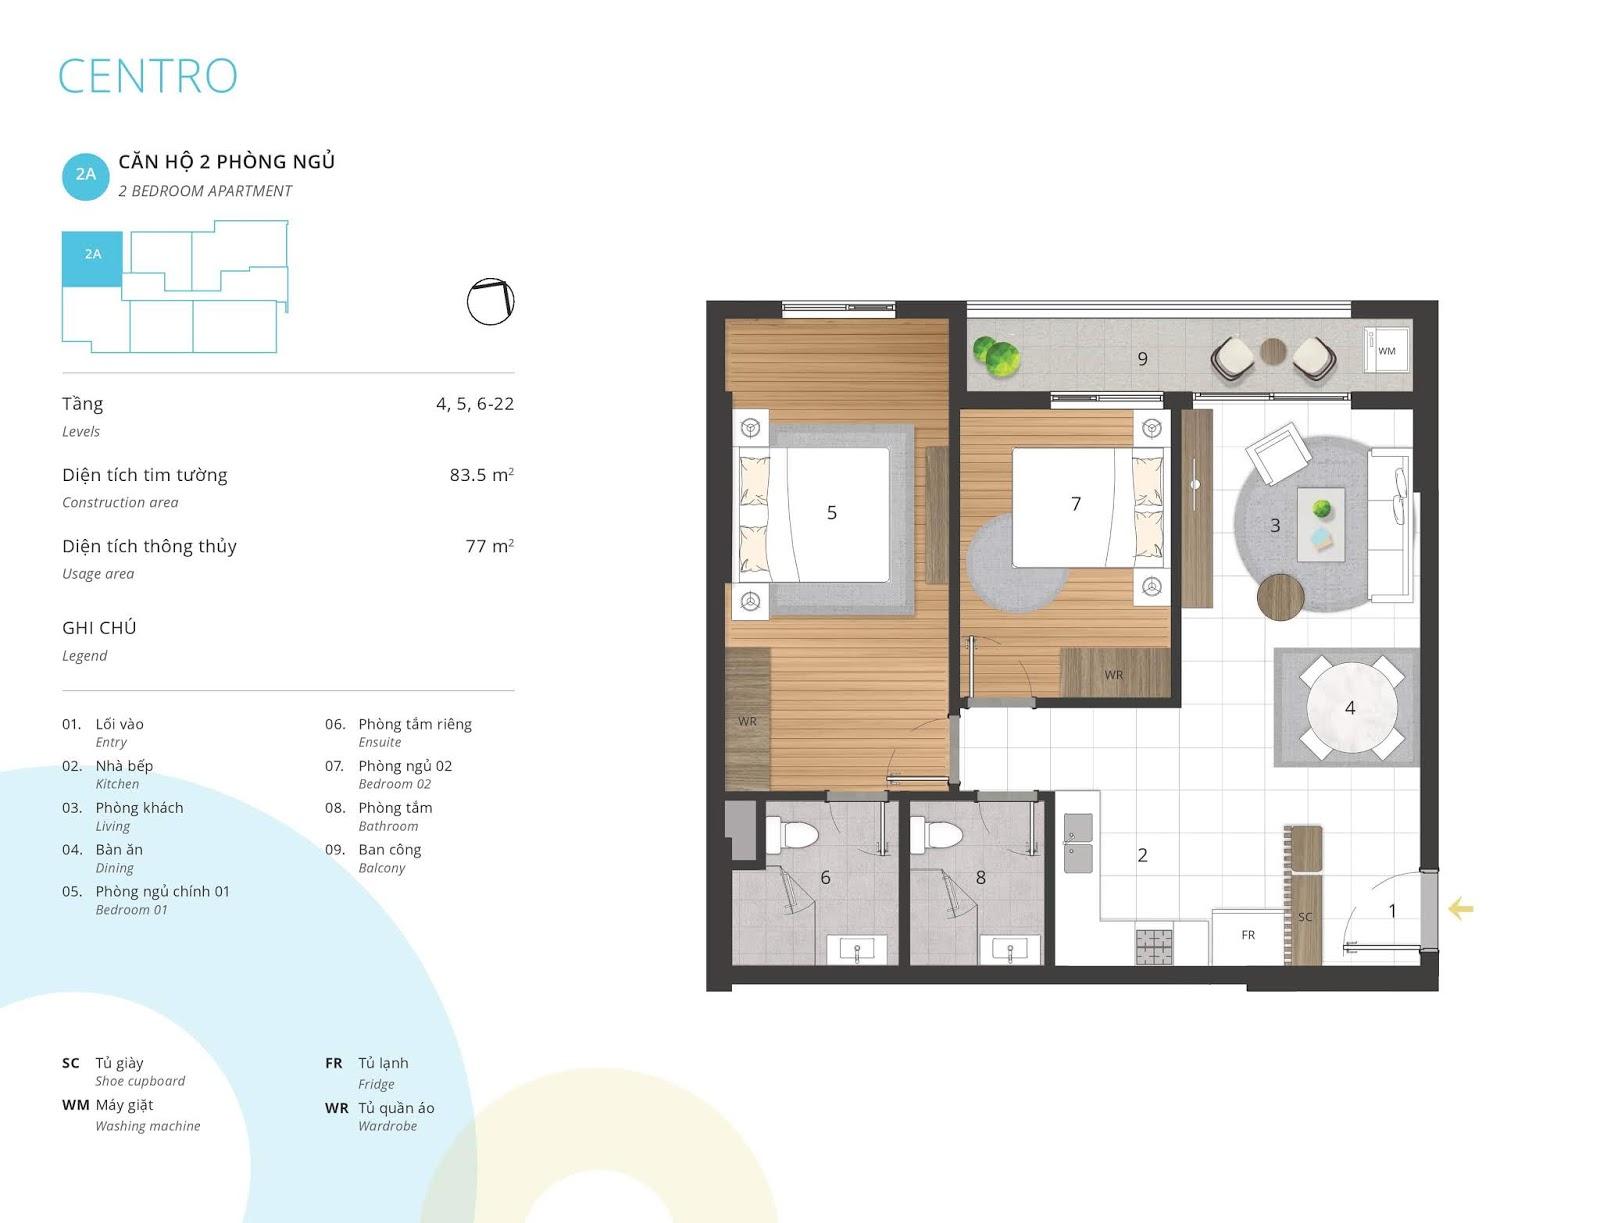 Mặt bằng căn hộ 2 phòng ngủ 77 m2 thông thủy tòa CENTRO